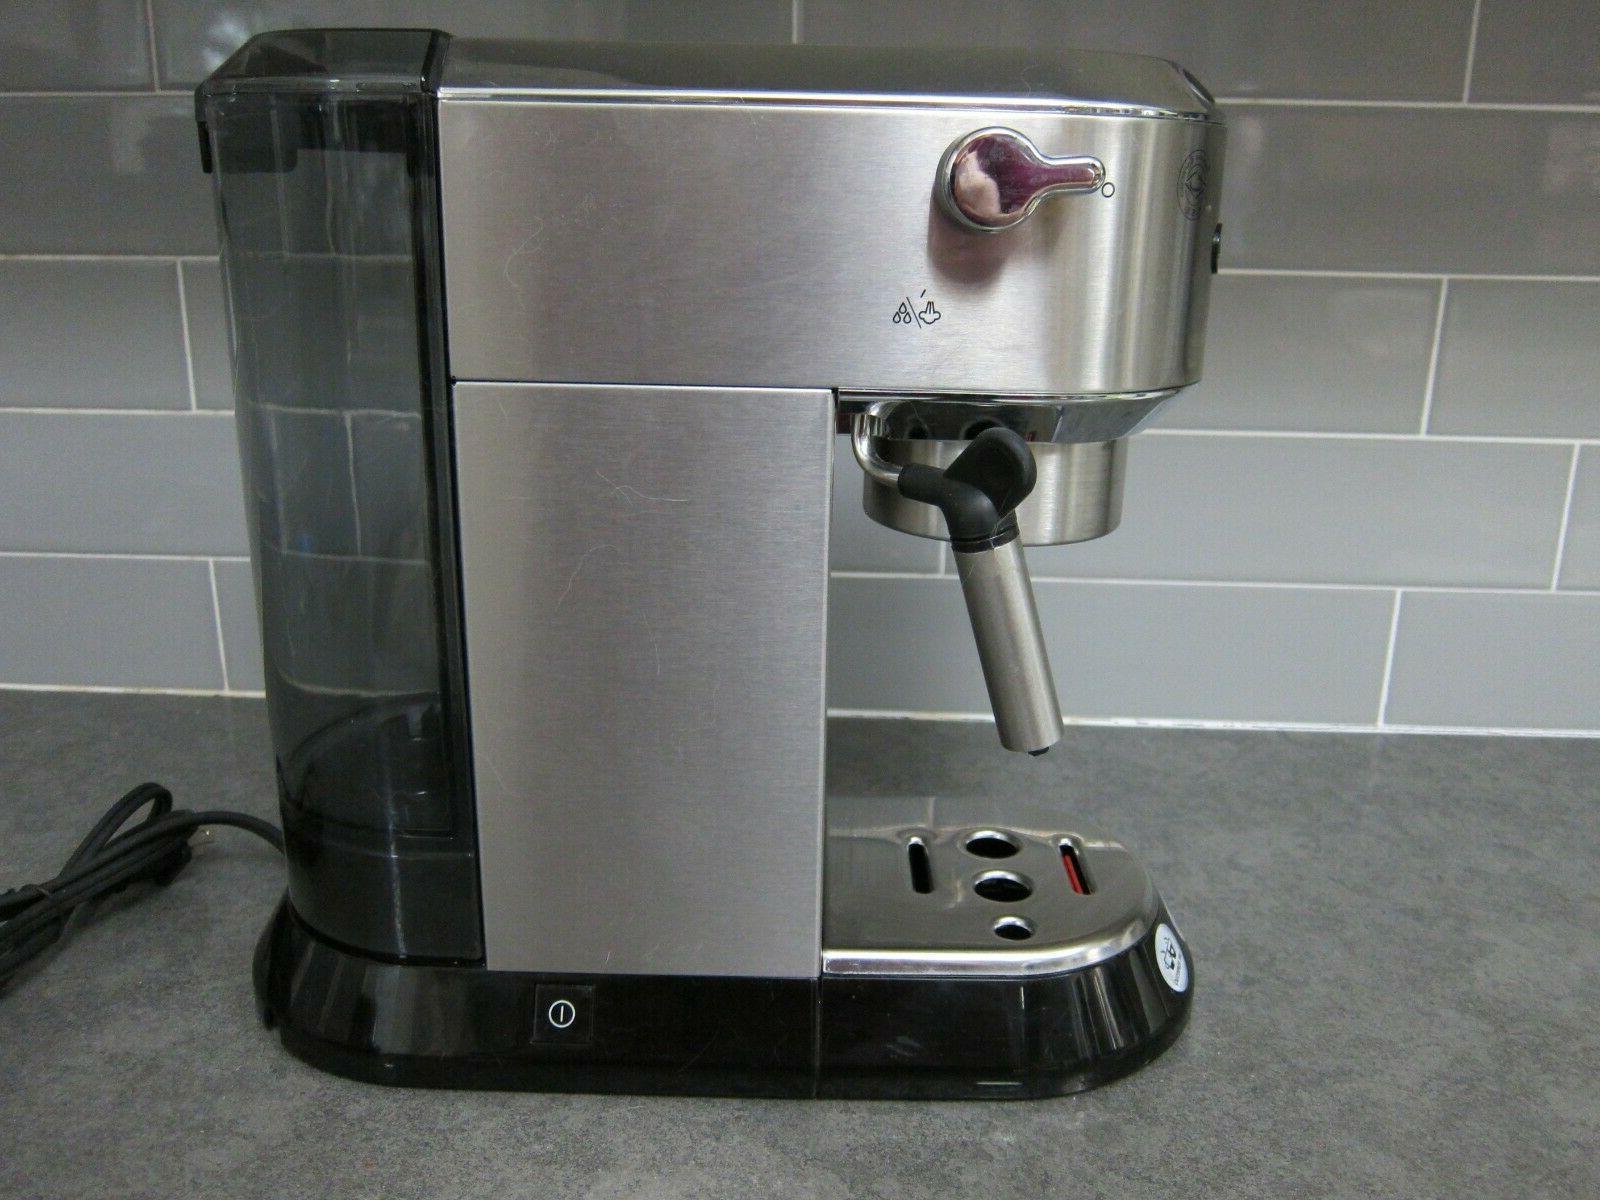 DeLonghi Pump Manual - Silver